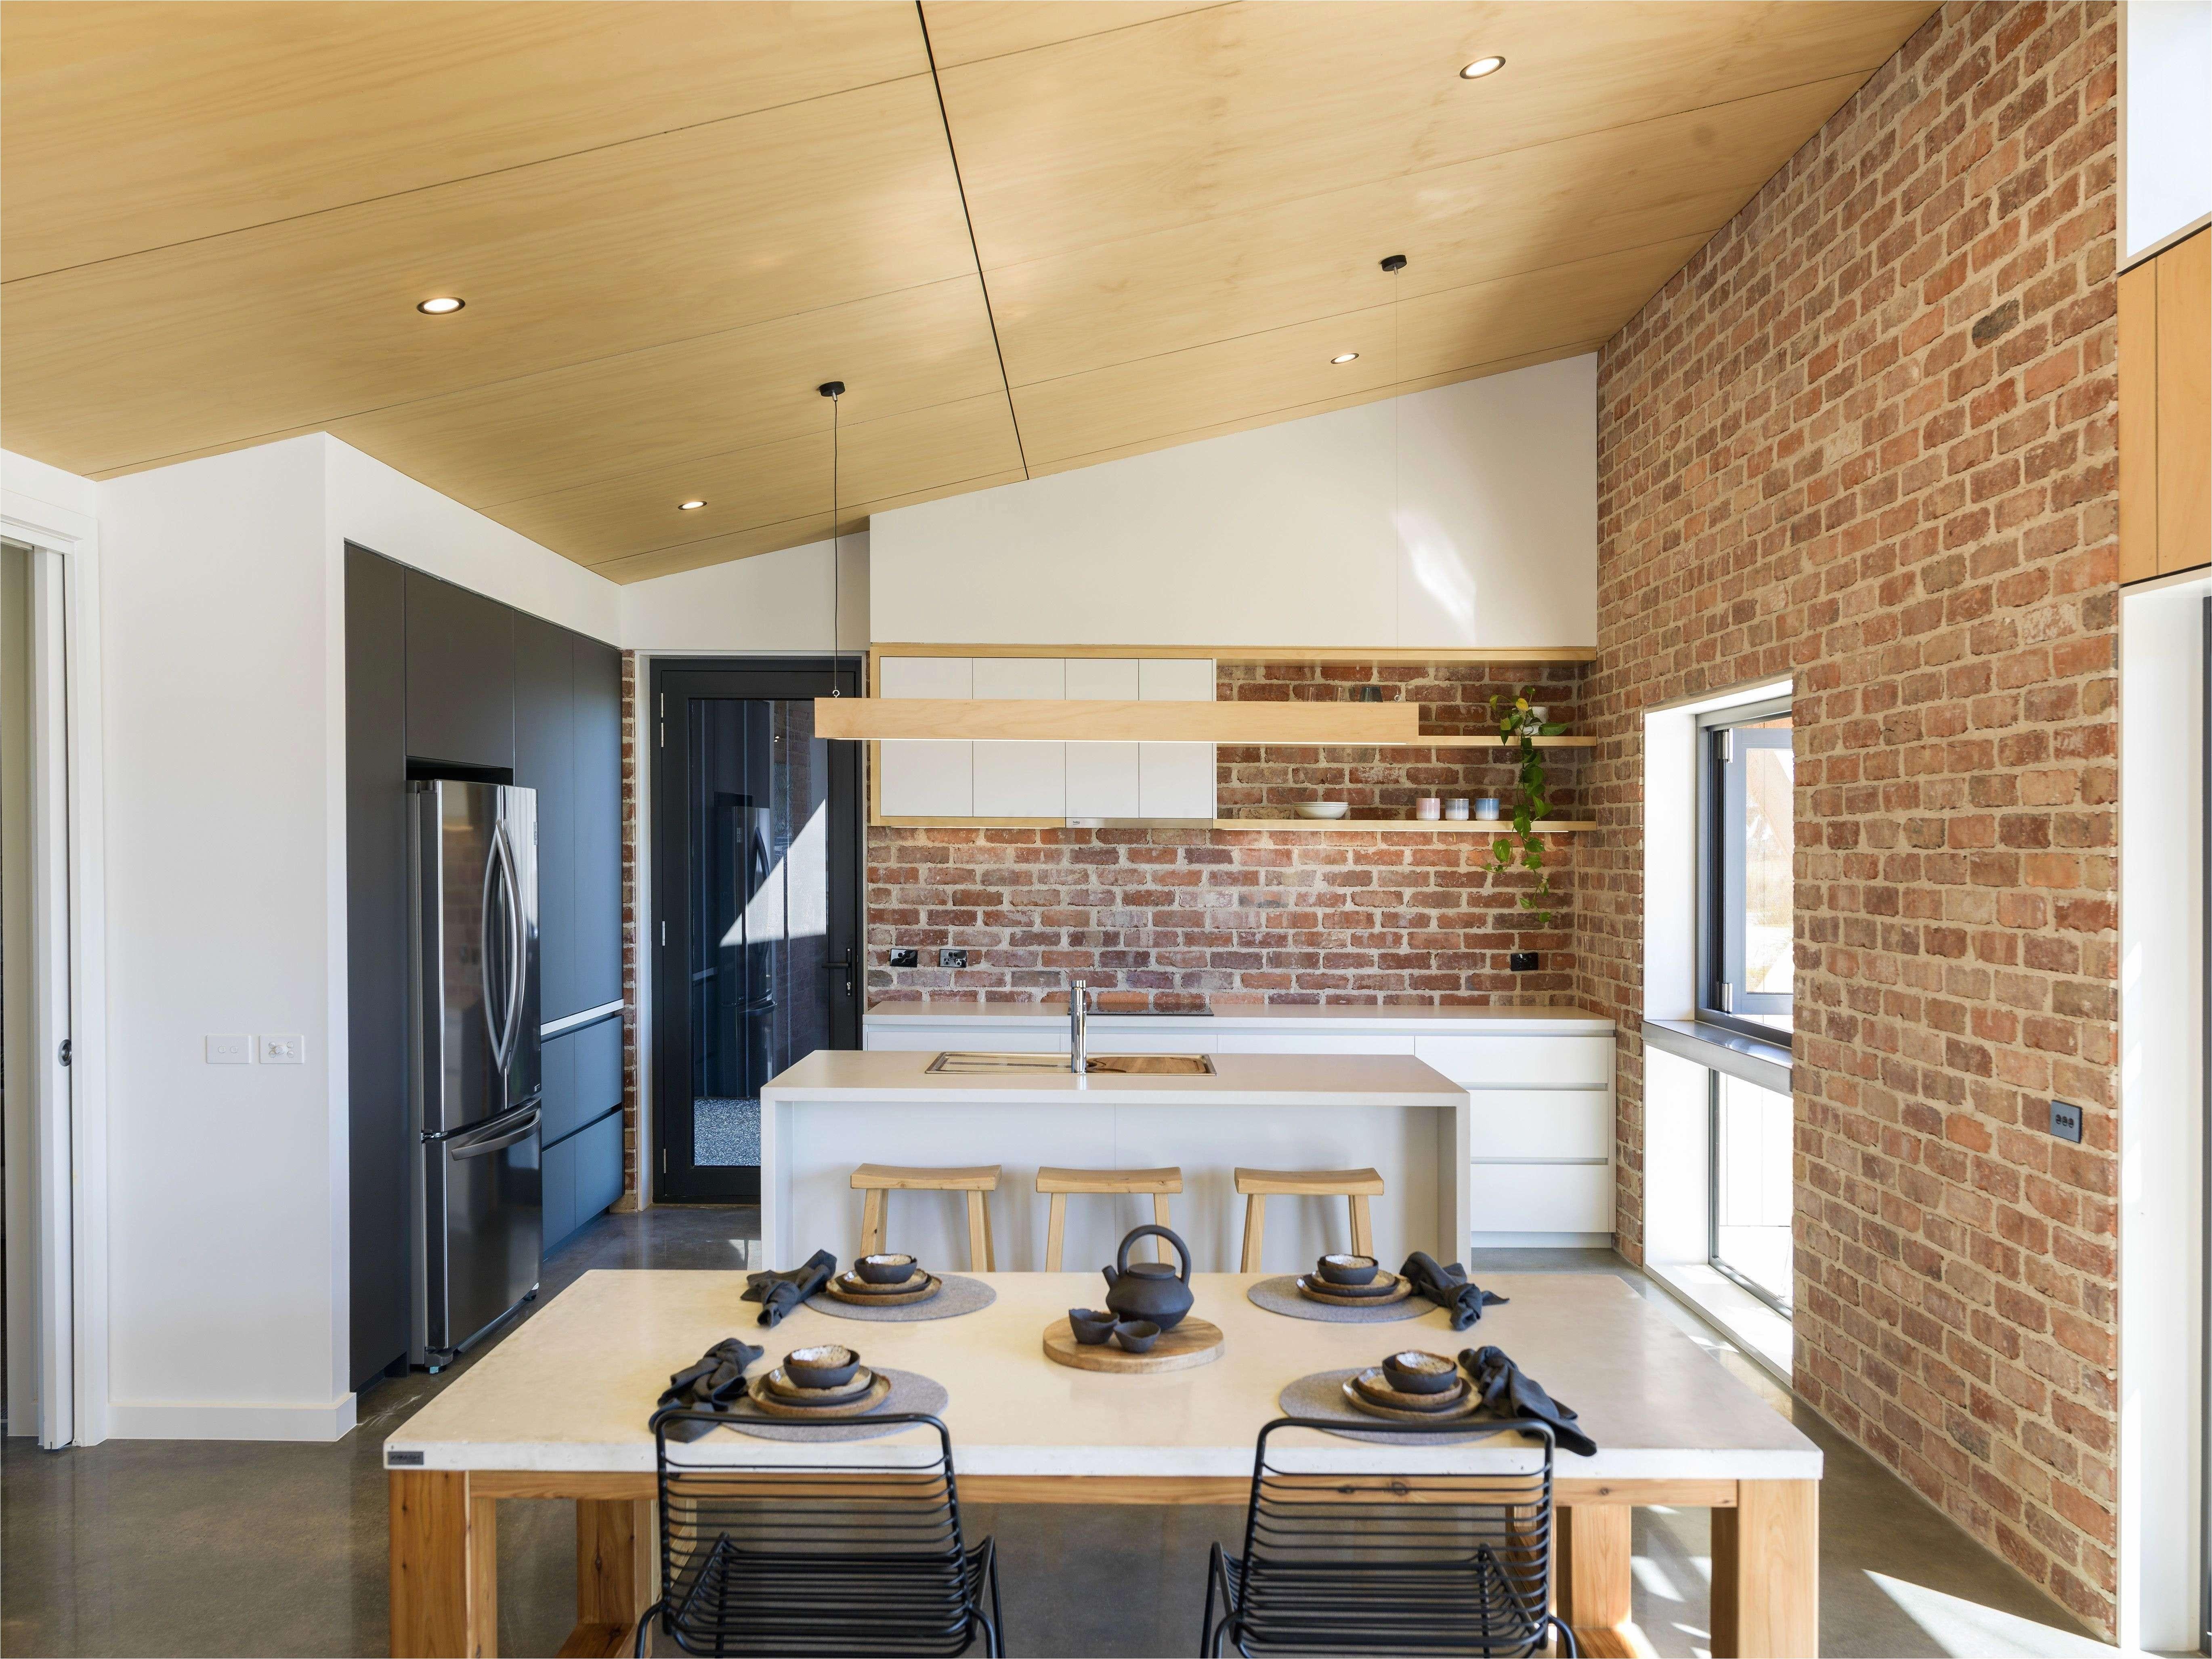 Small Kitchen Designs Layouts Alluring Kitchen Decor Items New Kitchen Zeev Kitchen Zeev Kitchen 0d Scheme